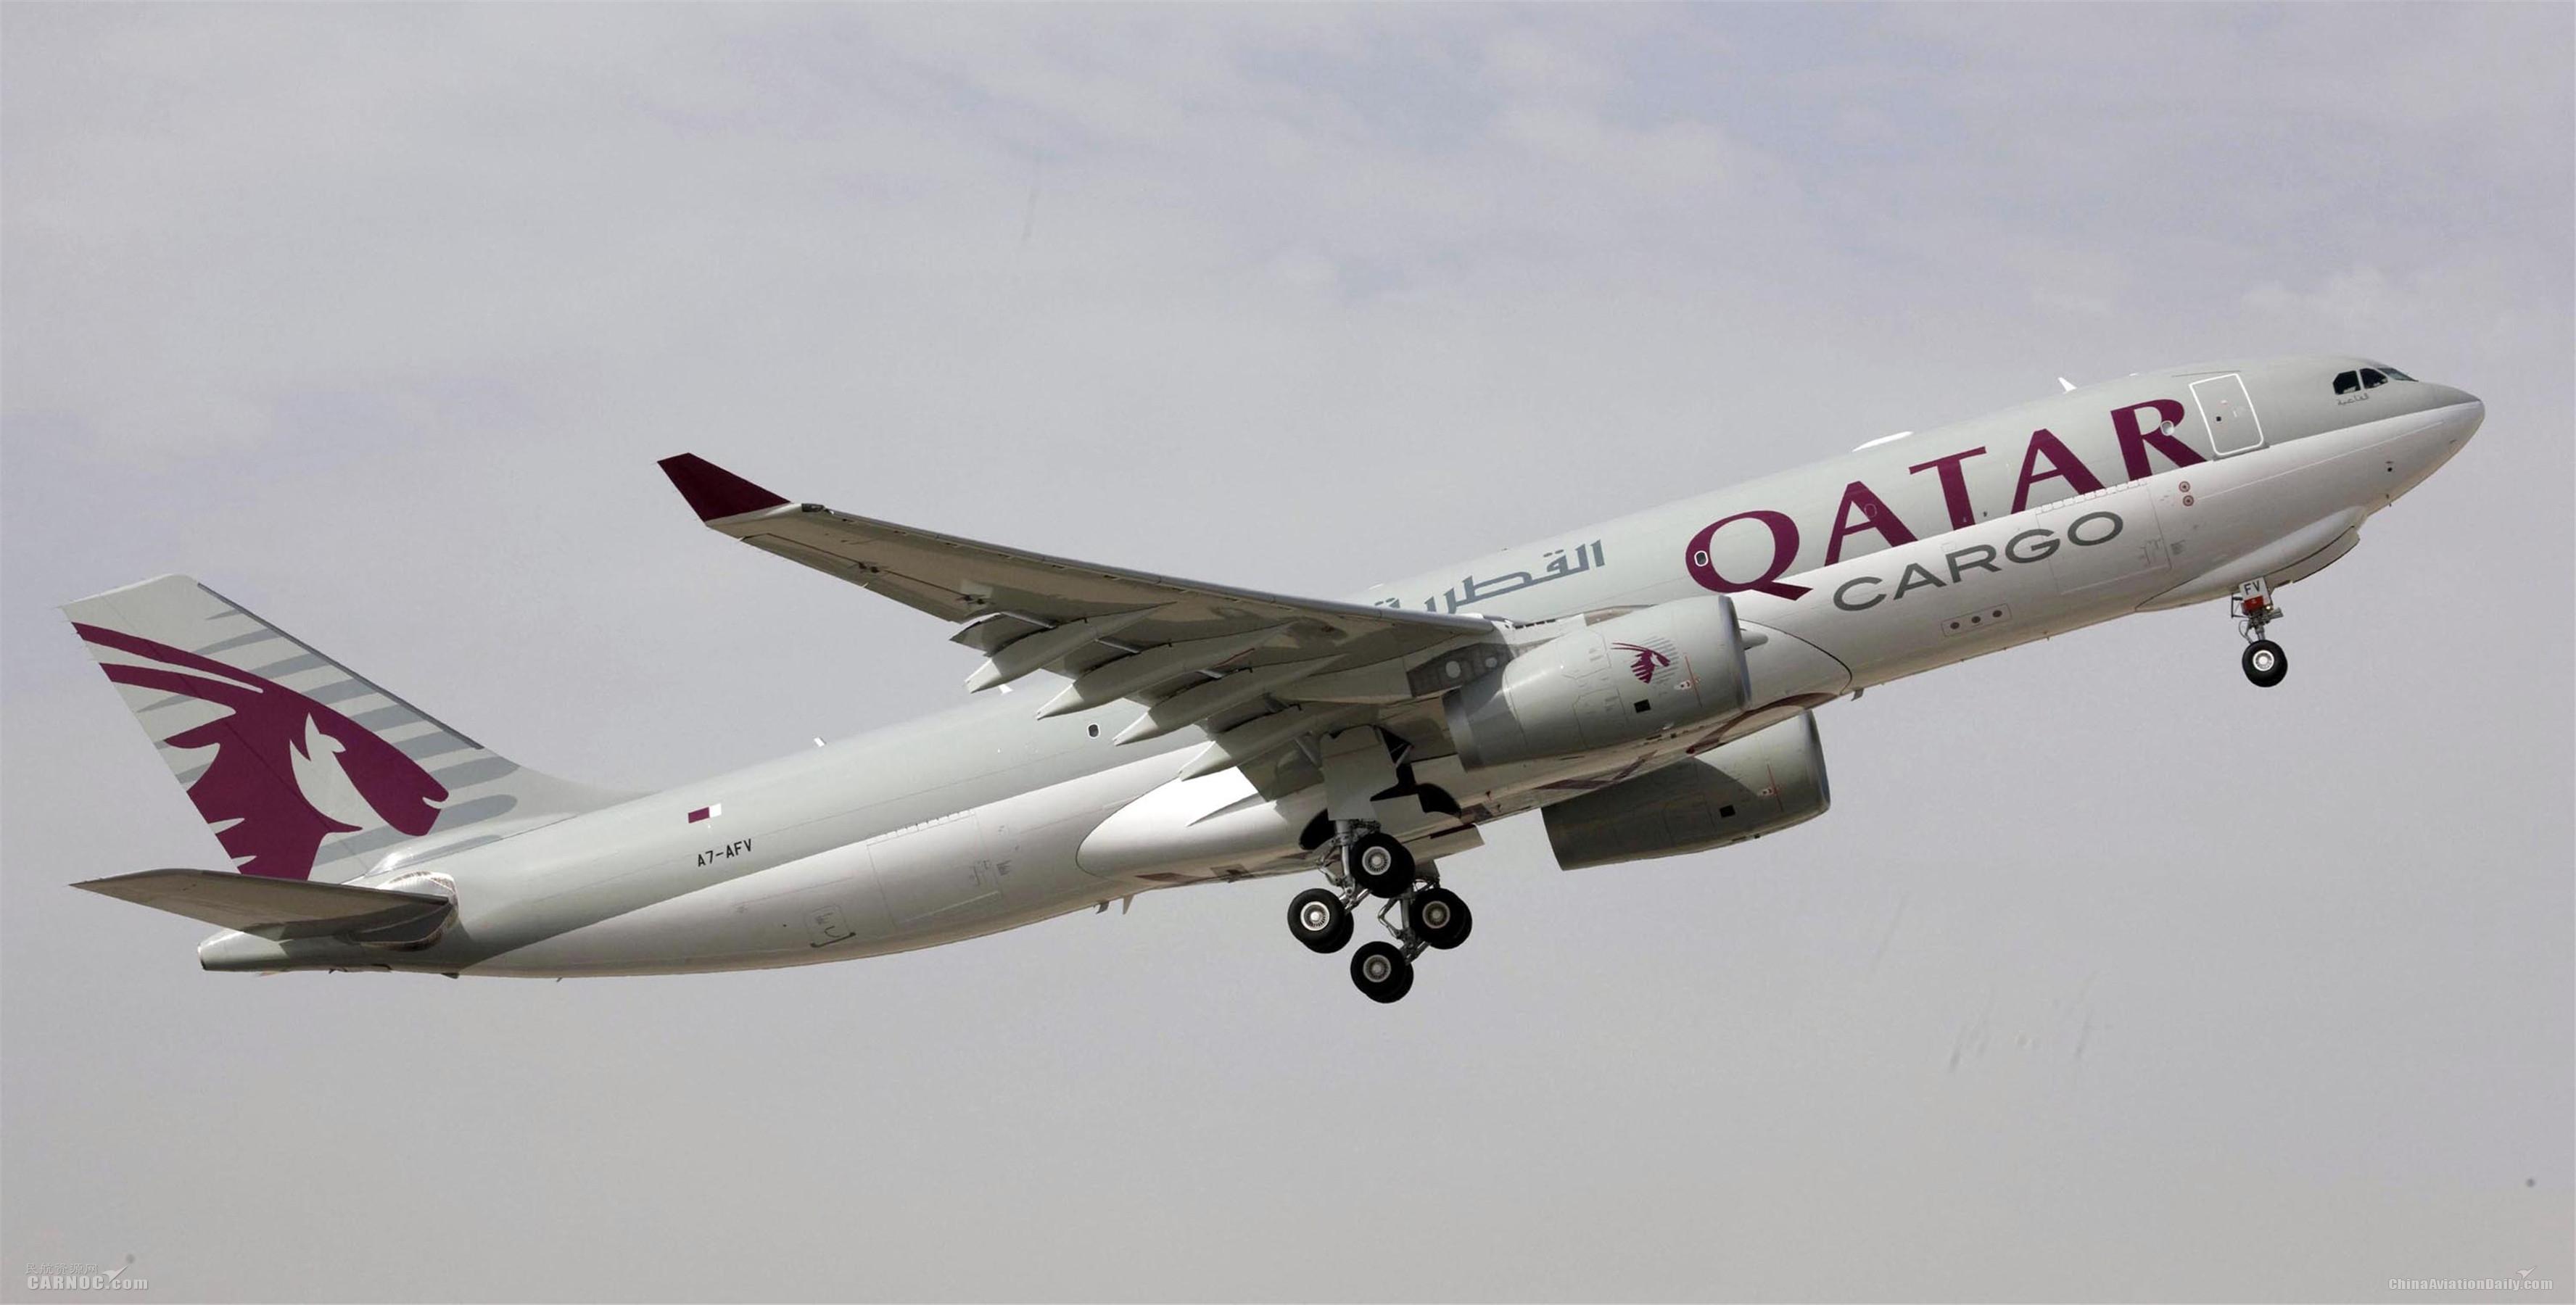 卡航空客A330全貨機承運10萬支應急口罩回中國